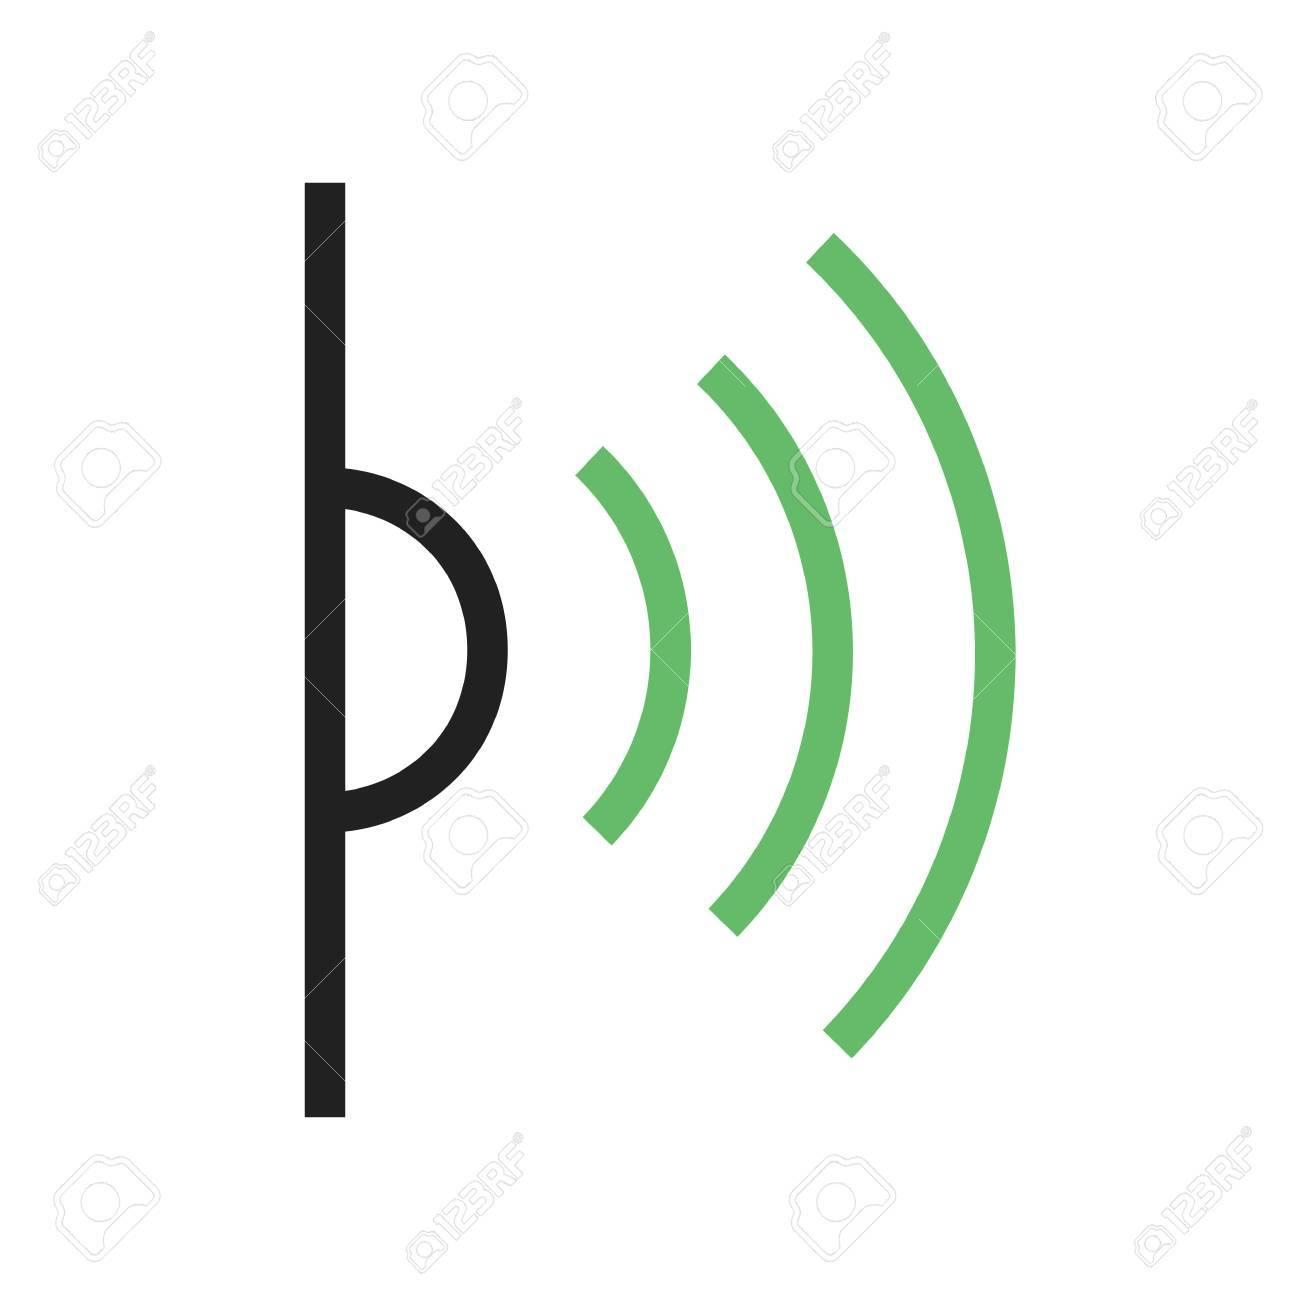 Infrarot, Rot, Licht, Signale Symbol Vektor-Bild. Kann Auch Für Die ...